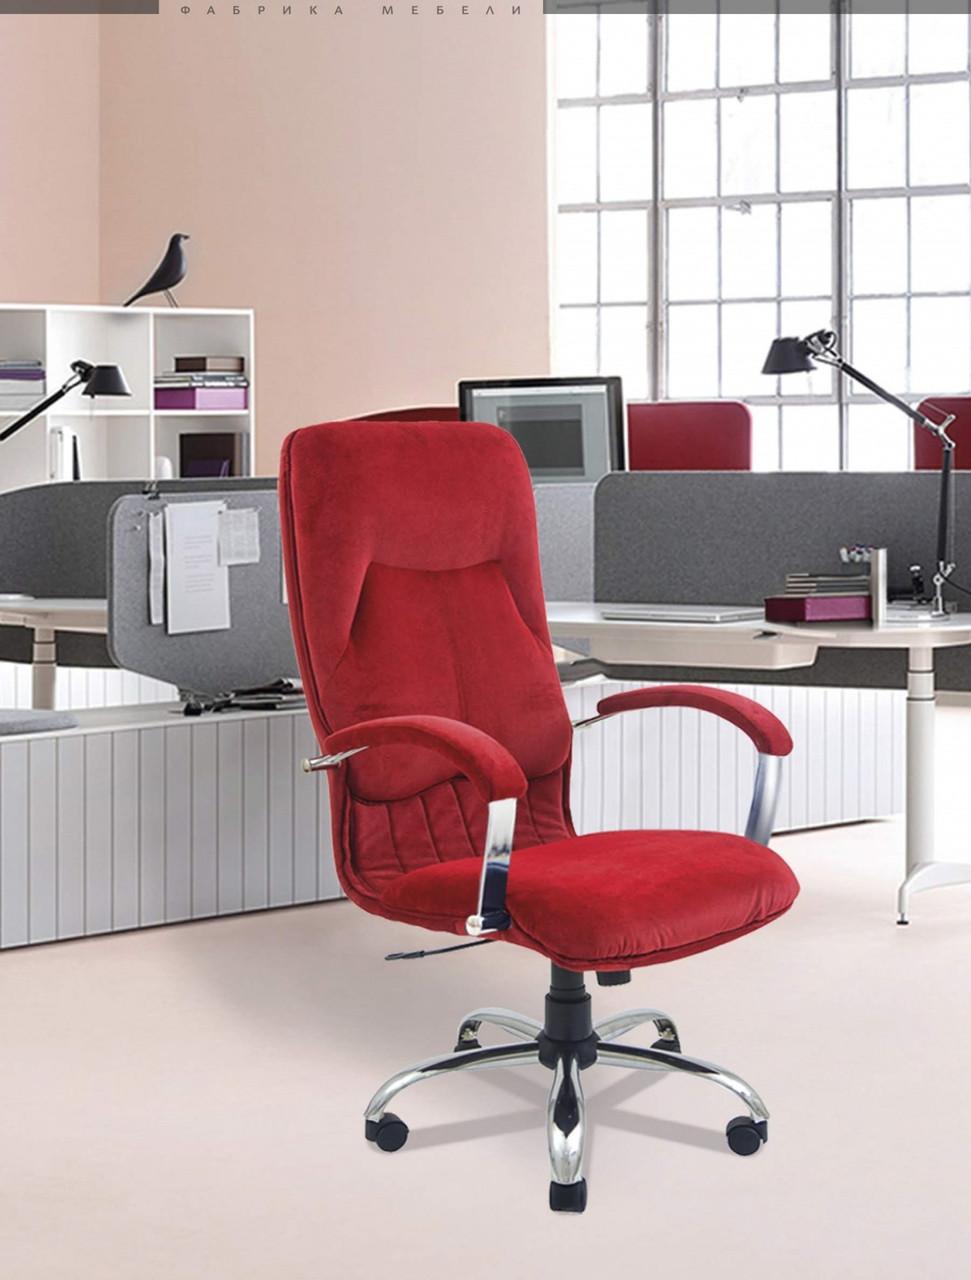 Офисное Кресло Руководителя Richman Никосия Red Velour Хром М2 AnyFix Красное